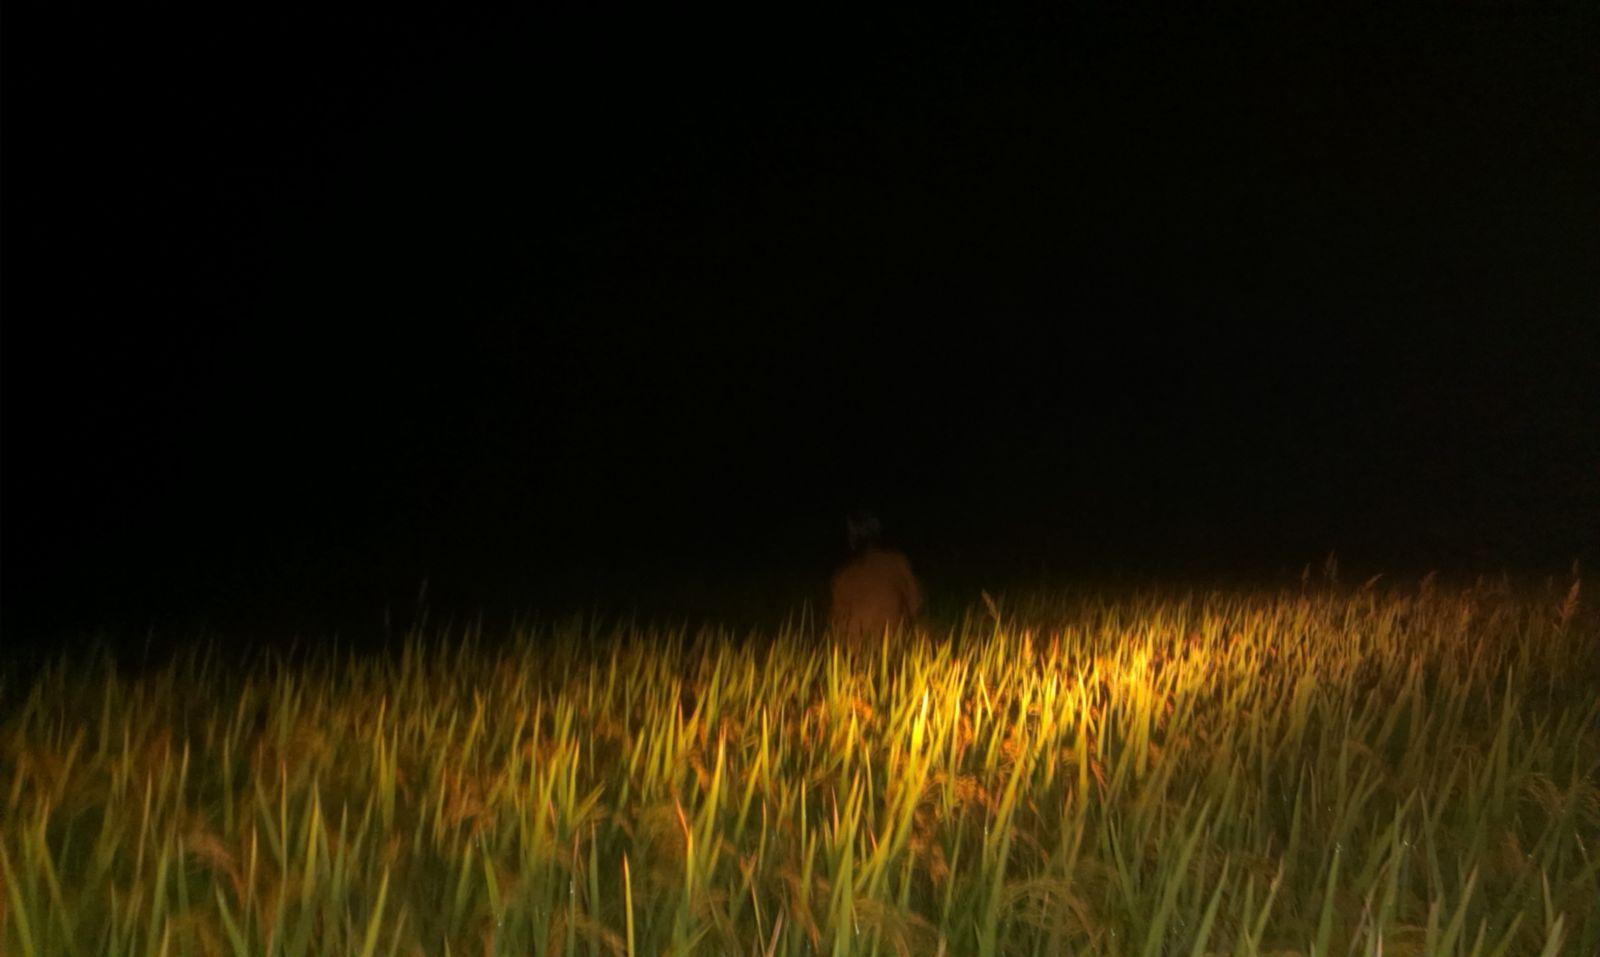 a1 - Nhớ mùa gặt lúa đêm - Tản văn Quang Định